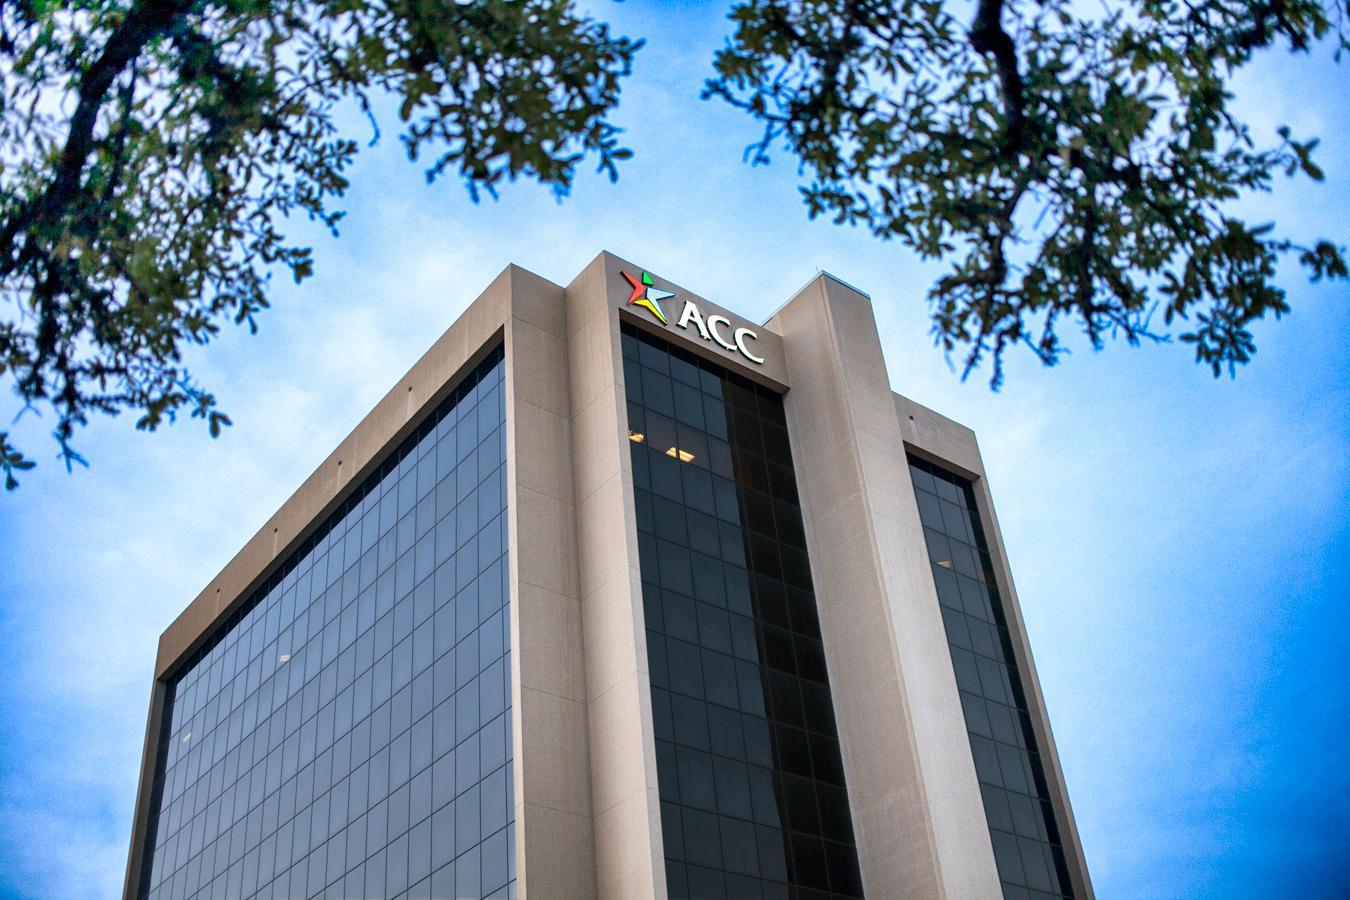 ACC Pinnacle Campus Building